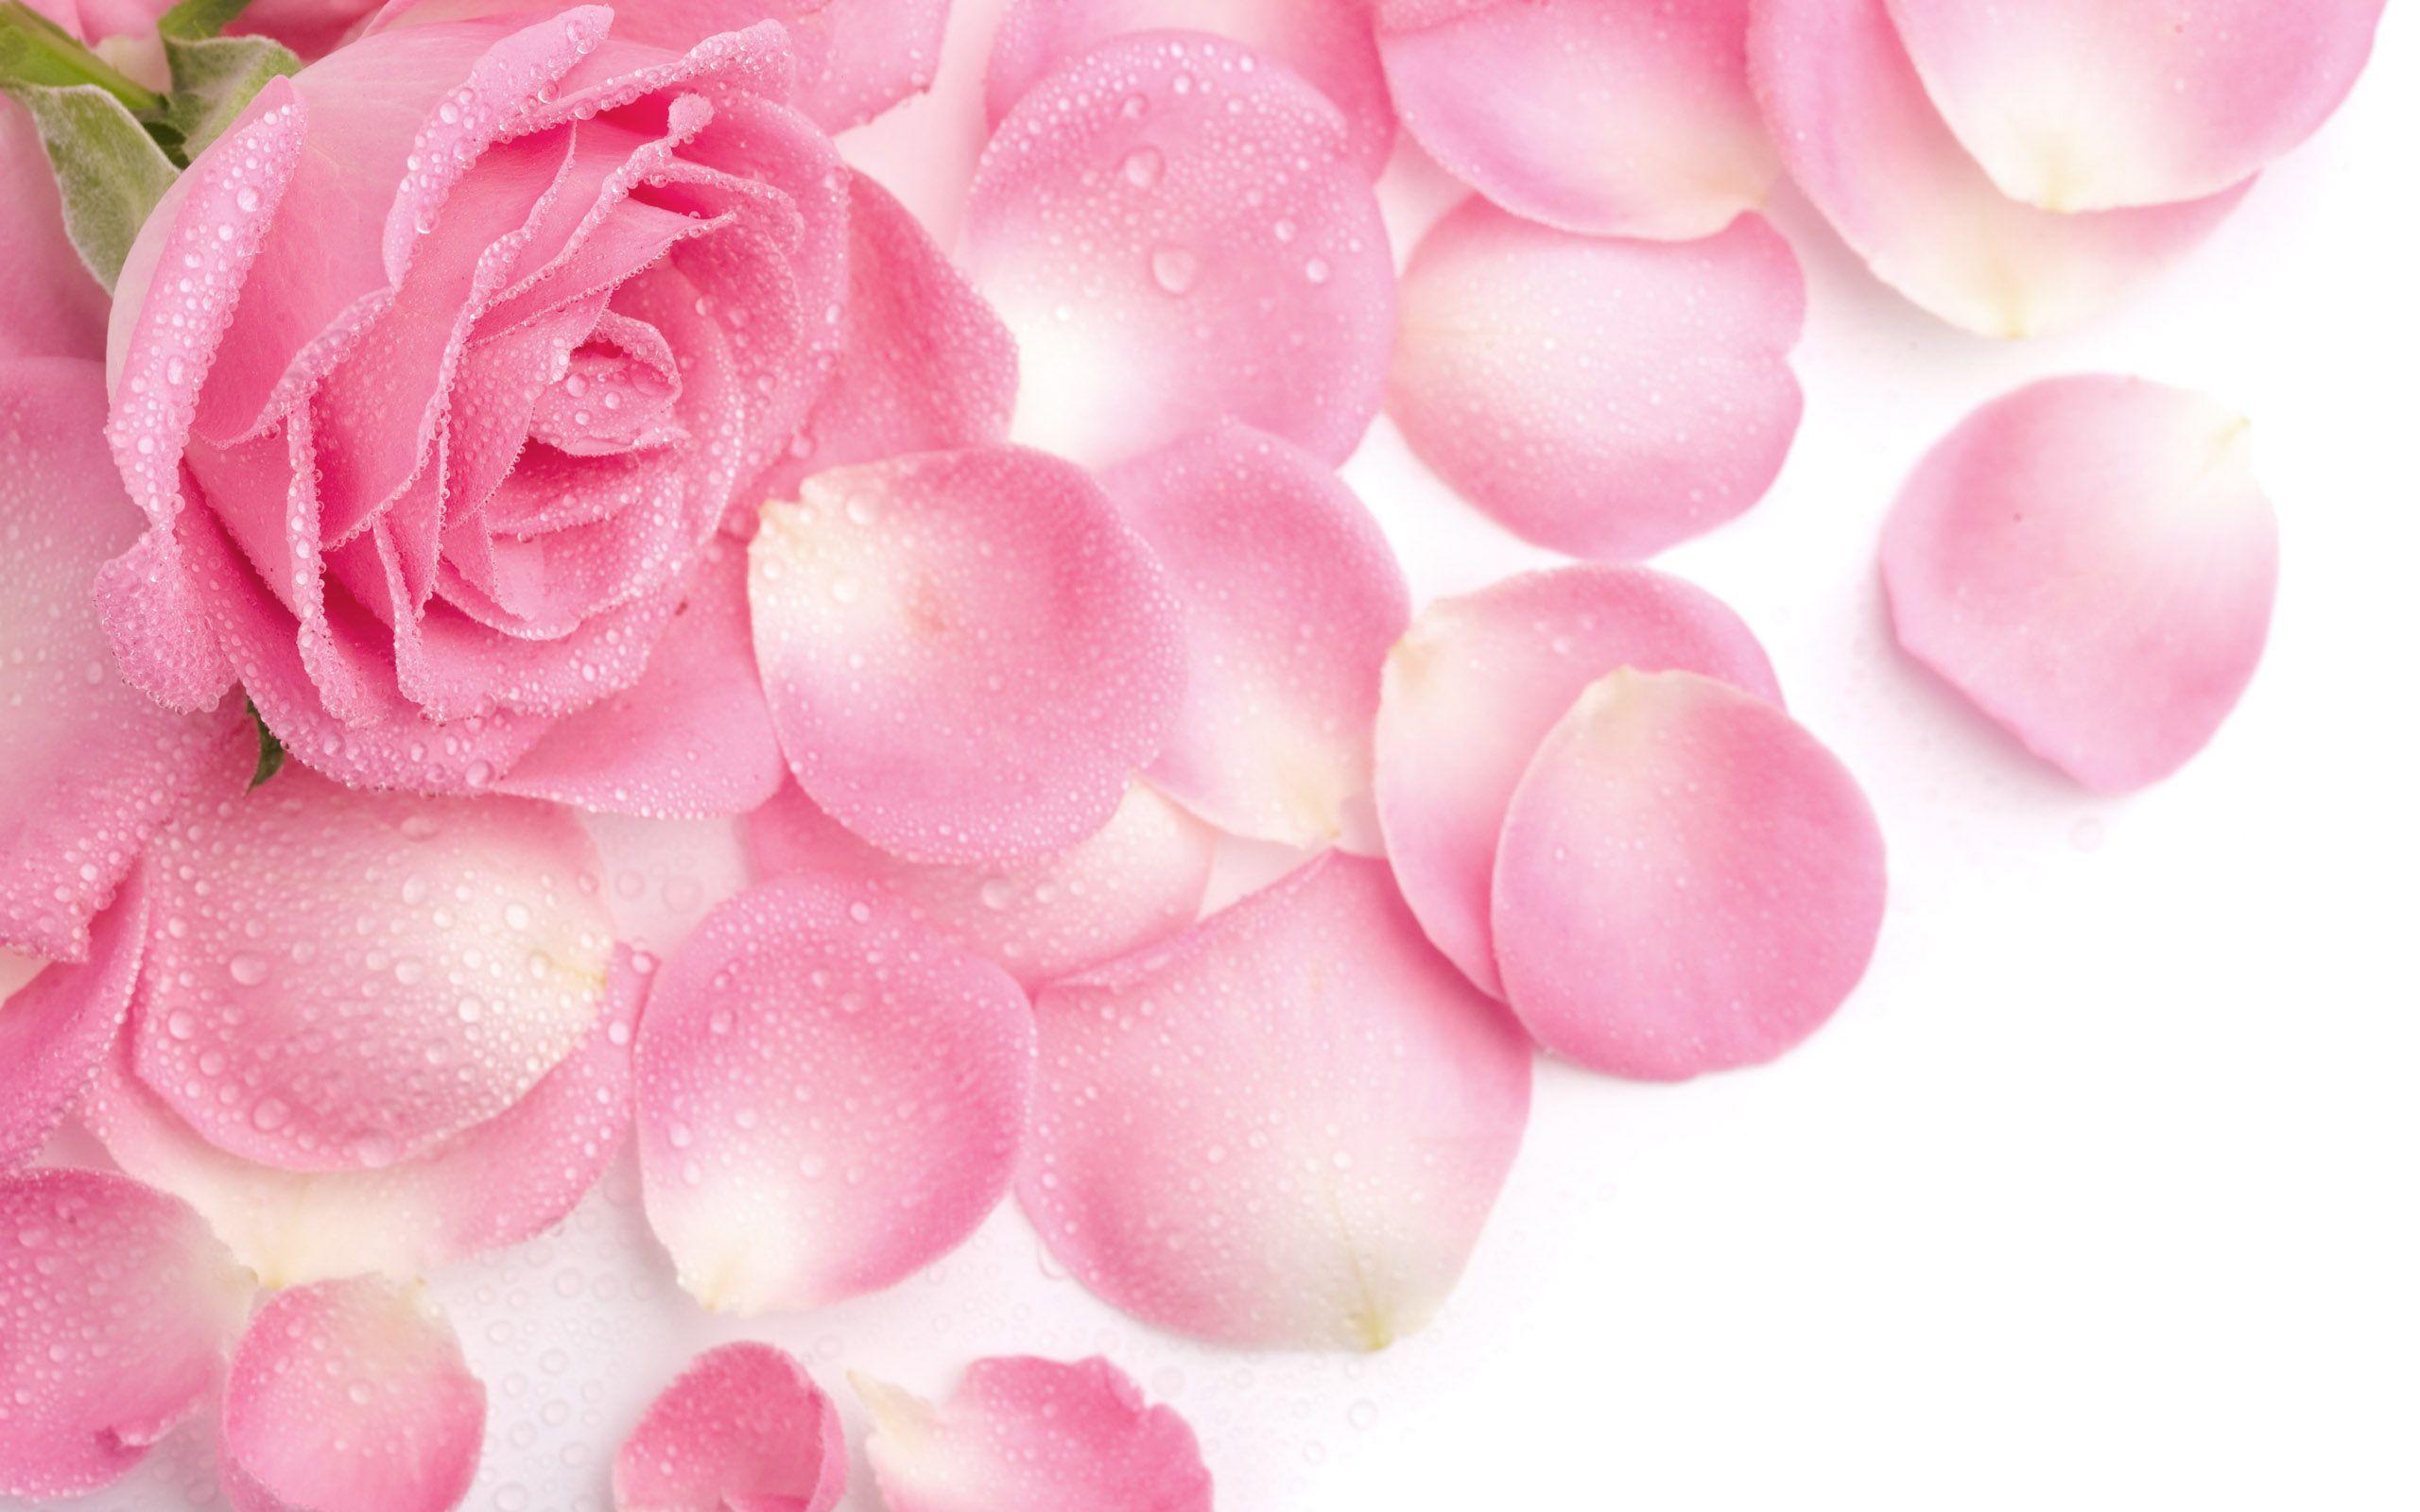 Beautiful Rose Petals Wallpaper Pink Rose Flower Pink Roses Background Rose Flower Wallpaper